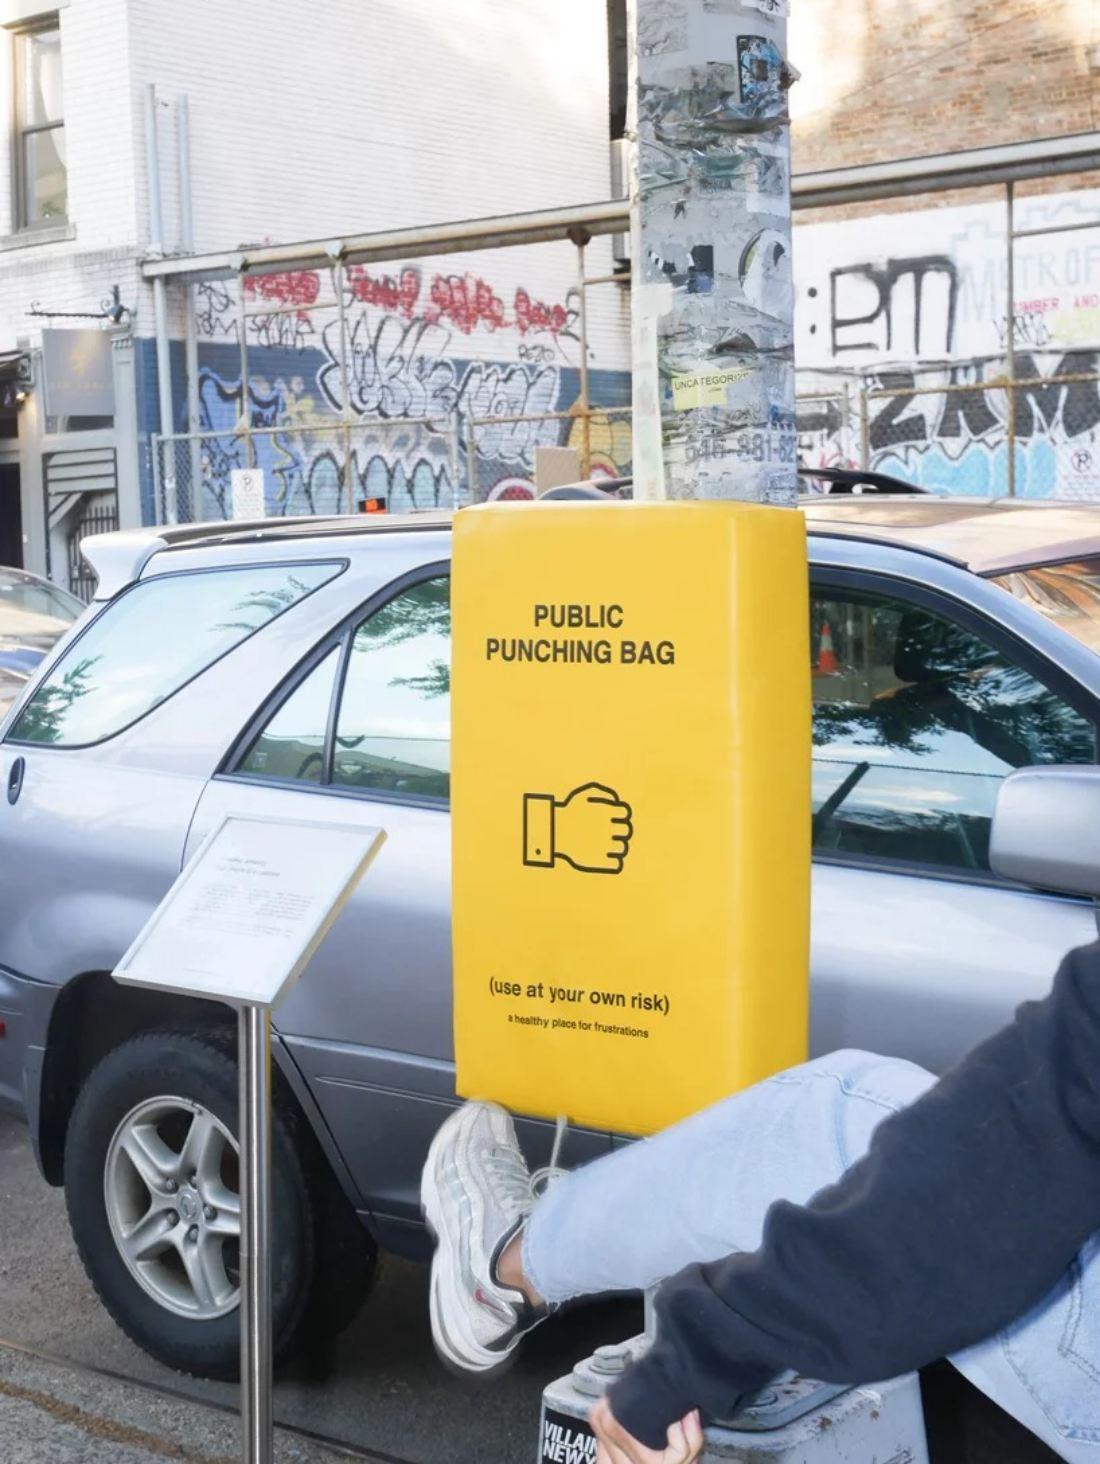 Beg Menumbuk Diletakkan Di Tempat Awam Bagi Melepaskan Tekanan Jiwa